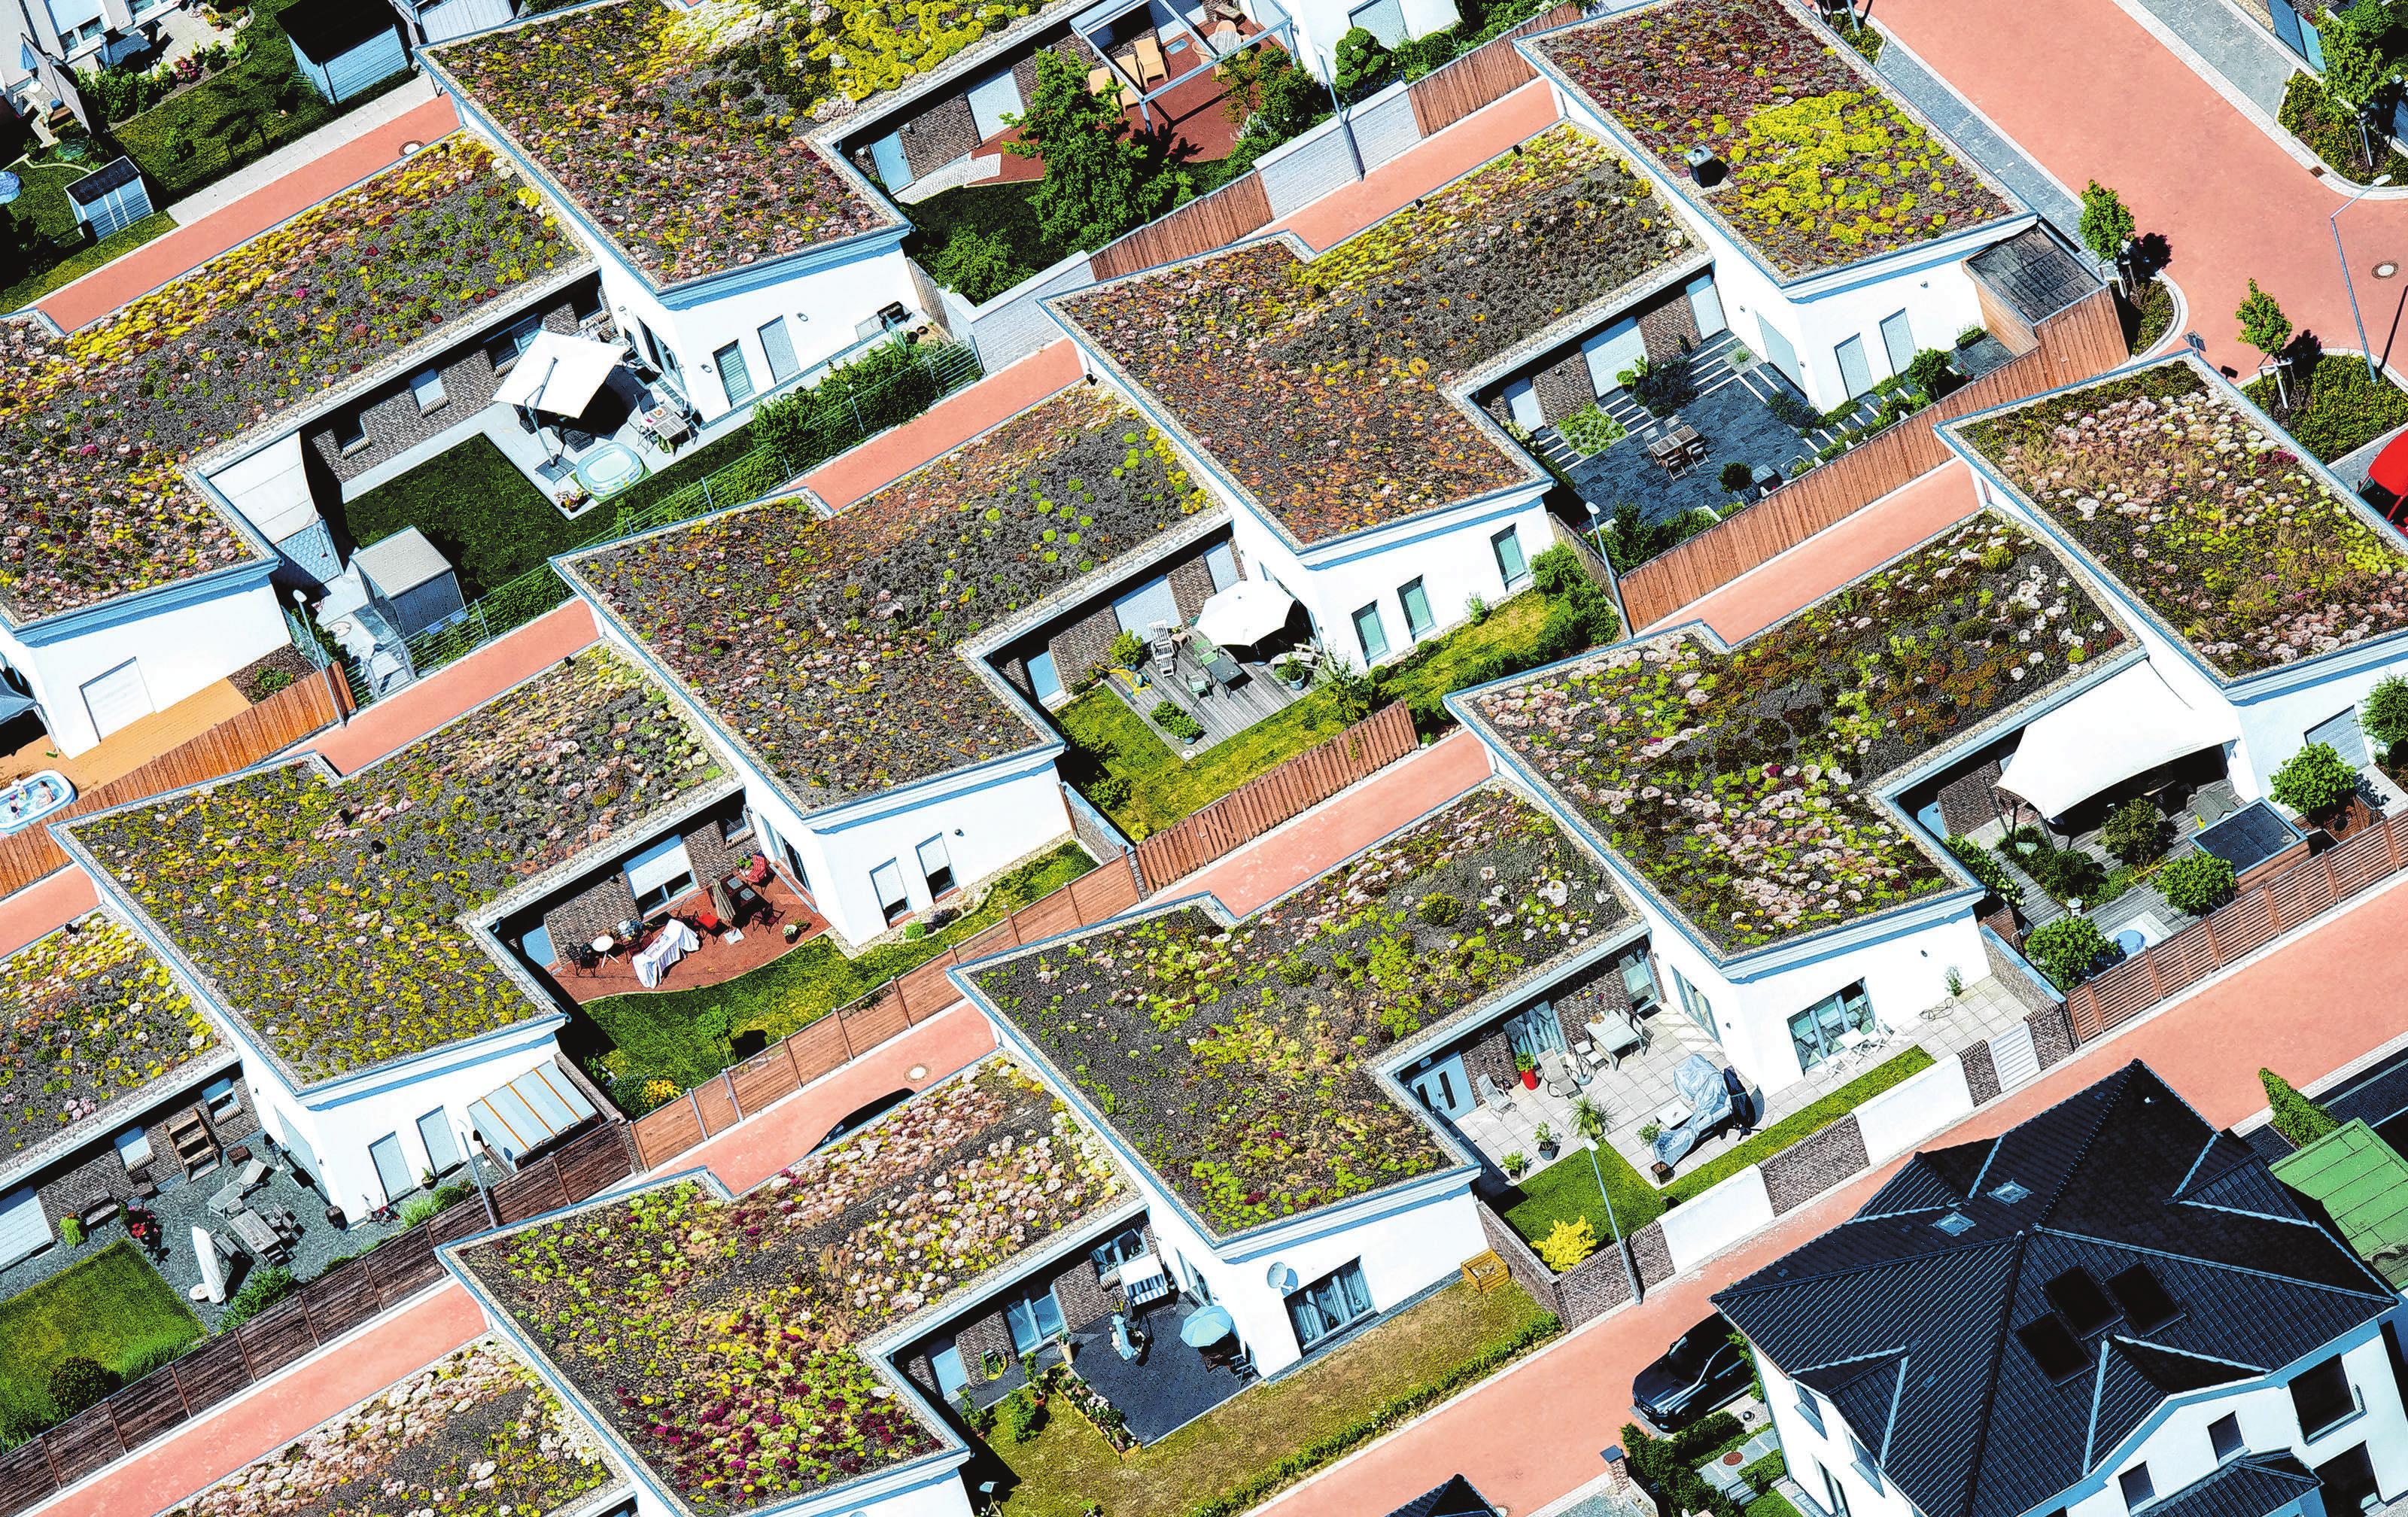 Begrünte Dächer werden derzeit immer beliebter. Hier sind Flach- und Pultdächer kombiniert. Foto: Hauke-Christian Dittrich/dpa